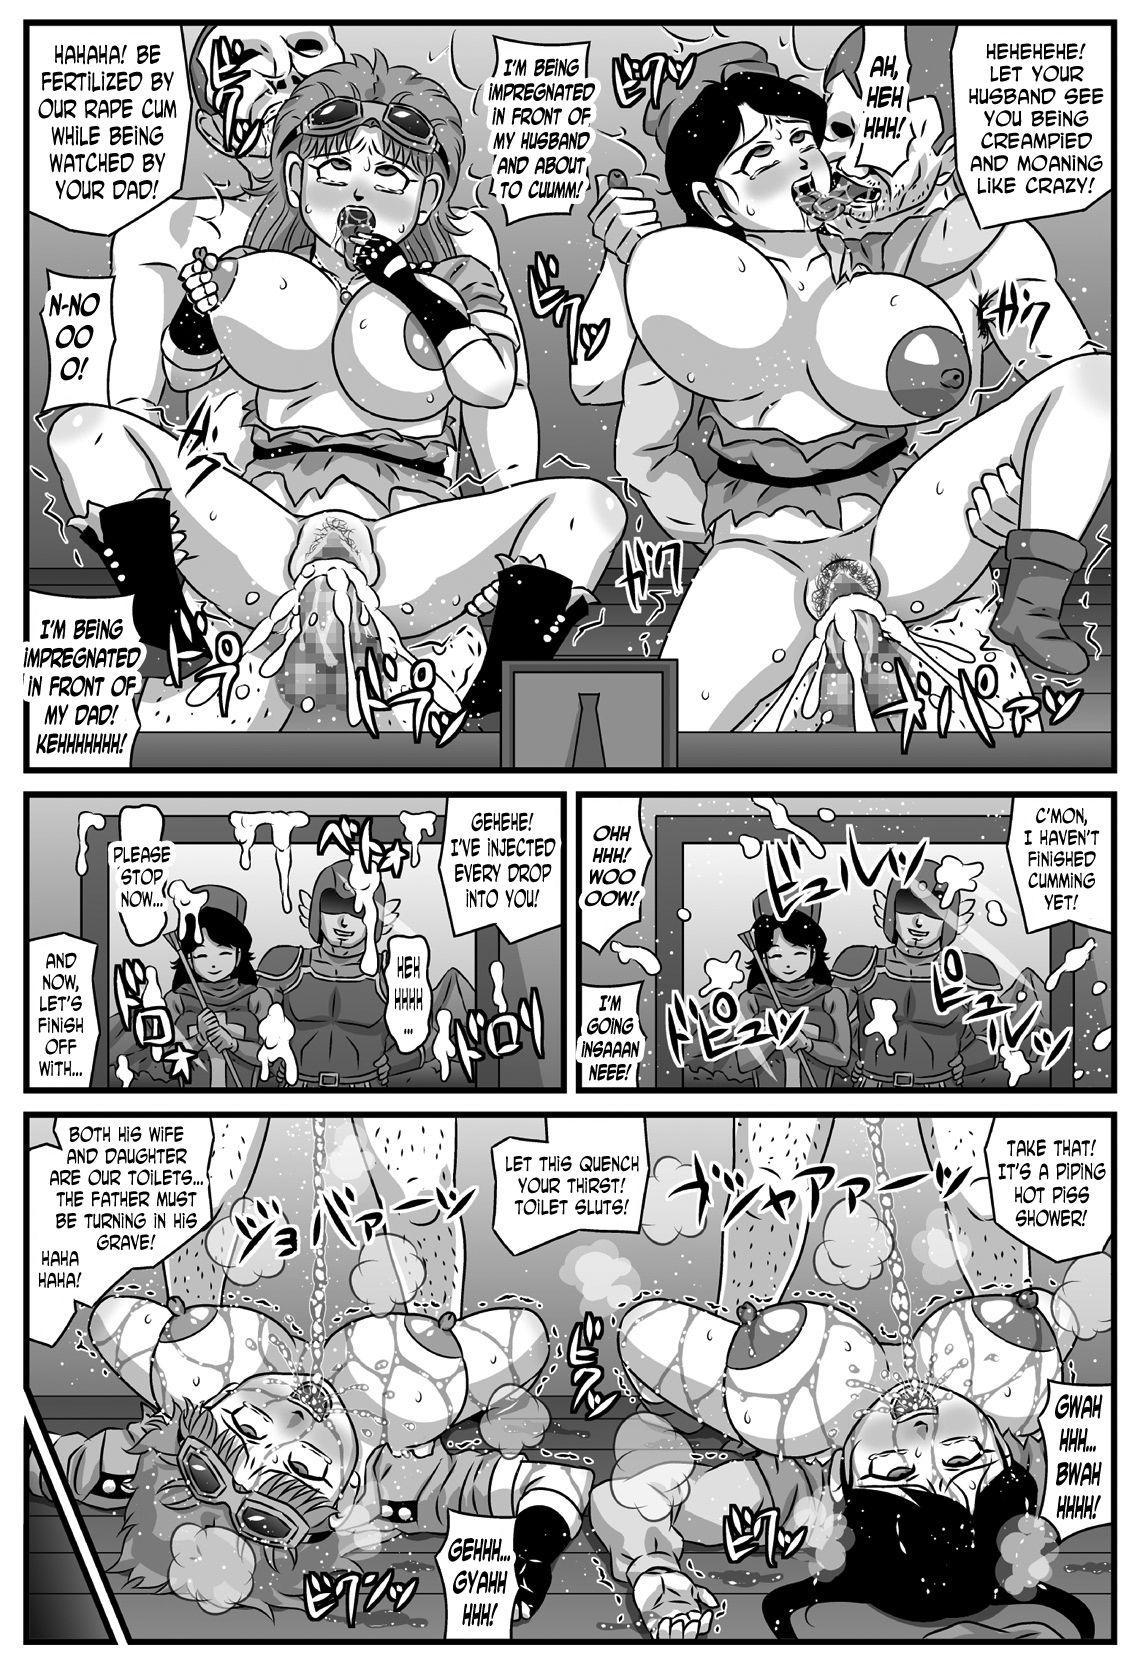 Kyonyuu Oyako ga Touzoku-dan no Nikubenki ni Nattara 23